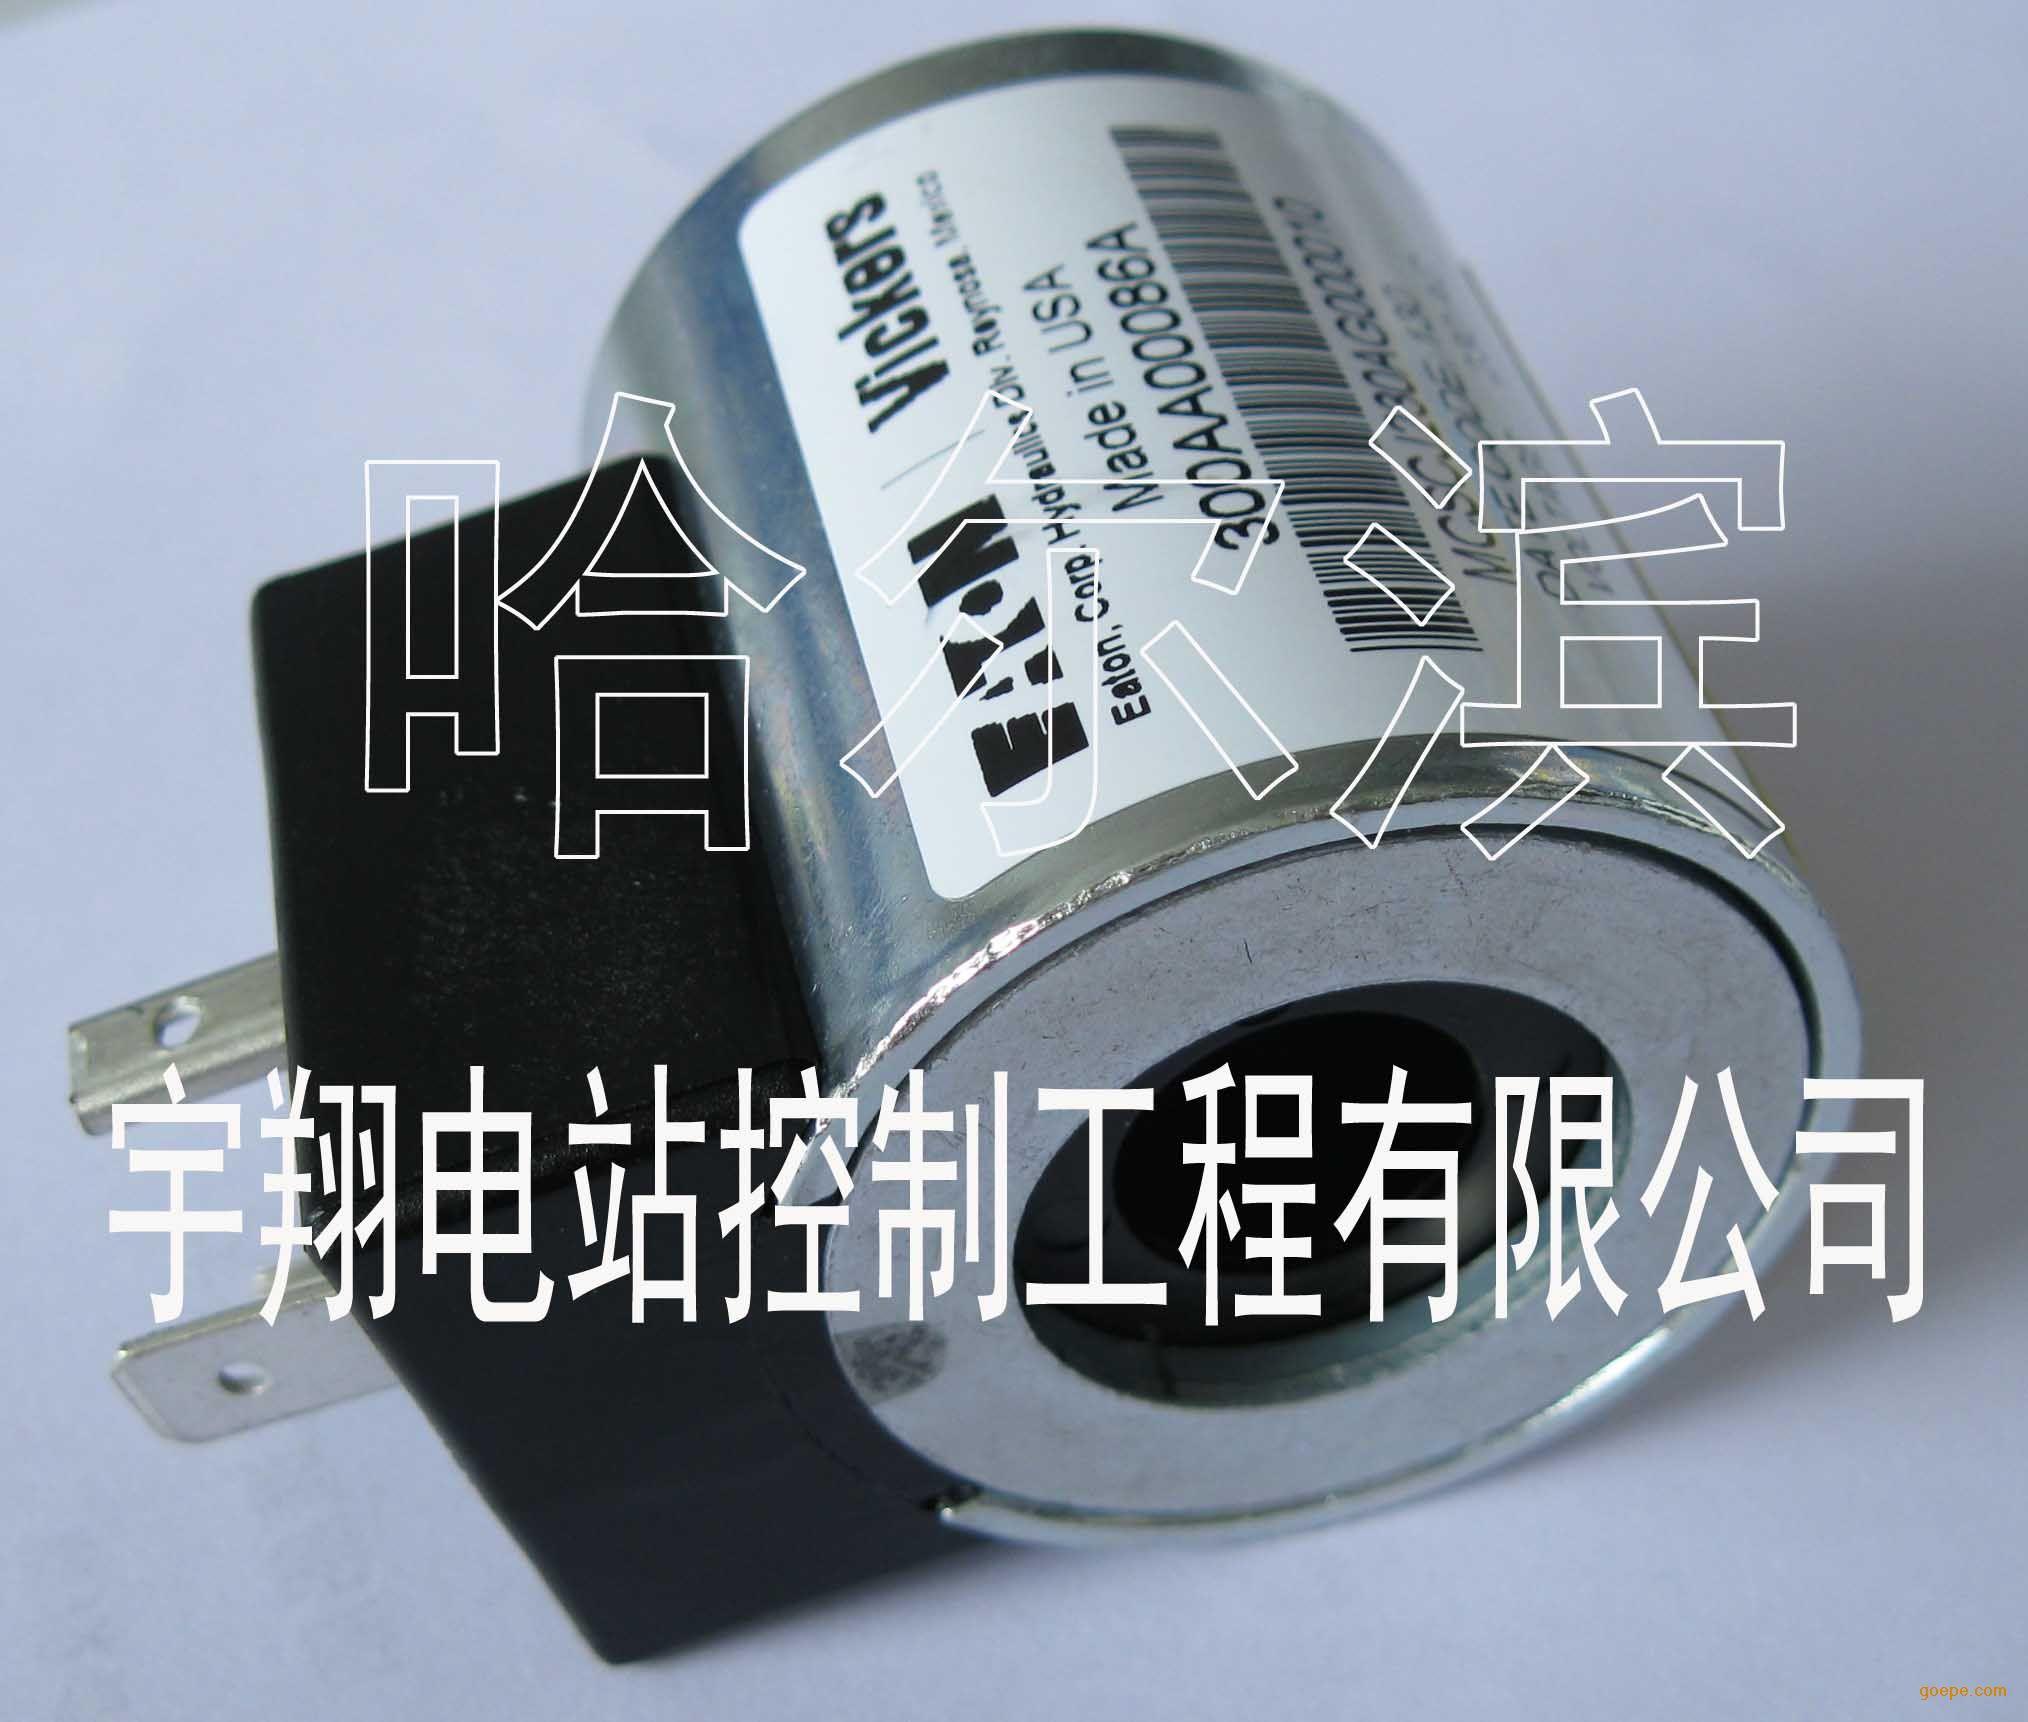 工控设备 发电机组 燃煤发电机组 >> 汽轮机监测装置hzqc-01a; 电磁阀图片